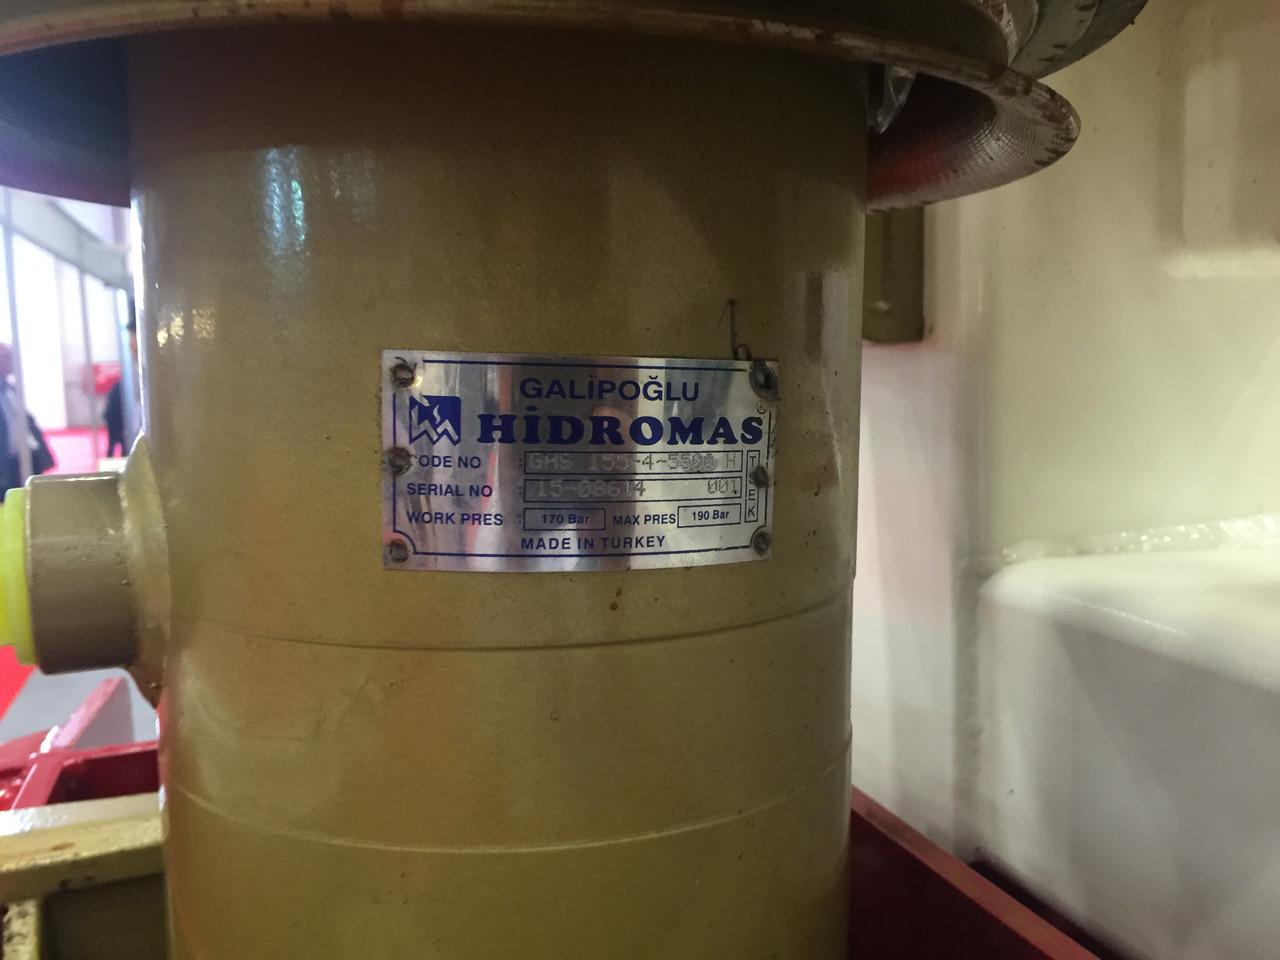 Гидроцилиндр 3-х штоковый Hidromas (длина 1 штока 1440 мм)тип B